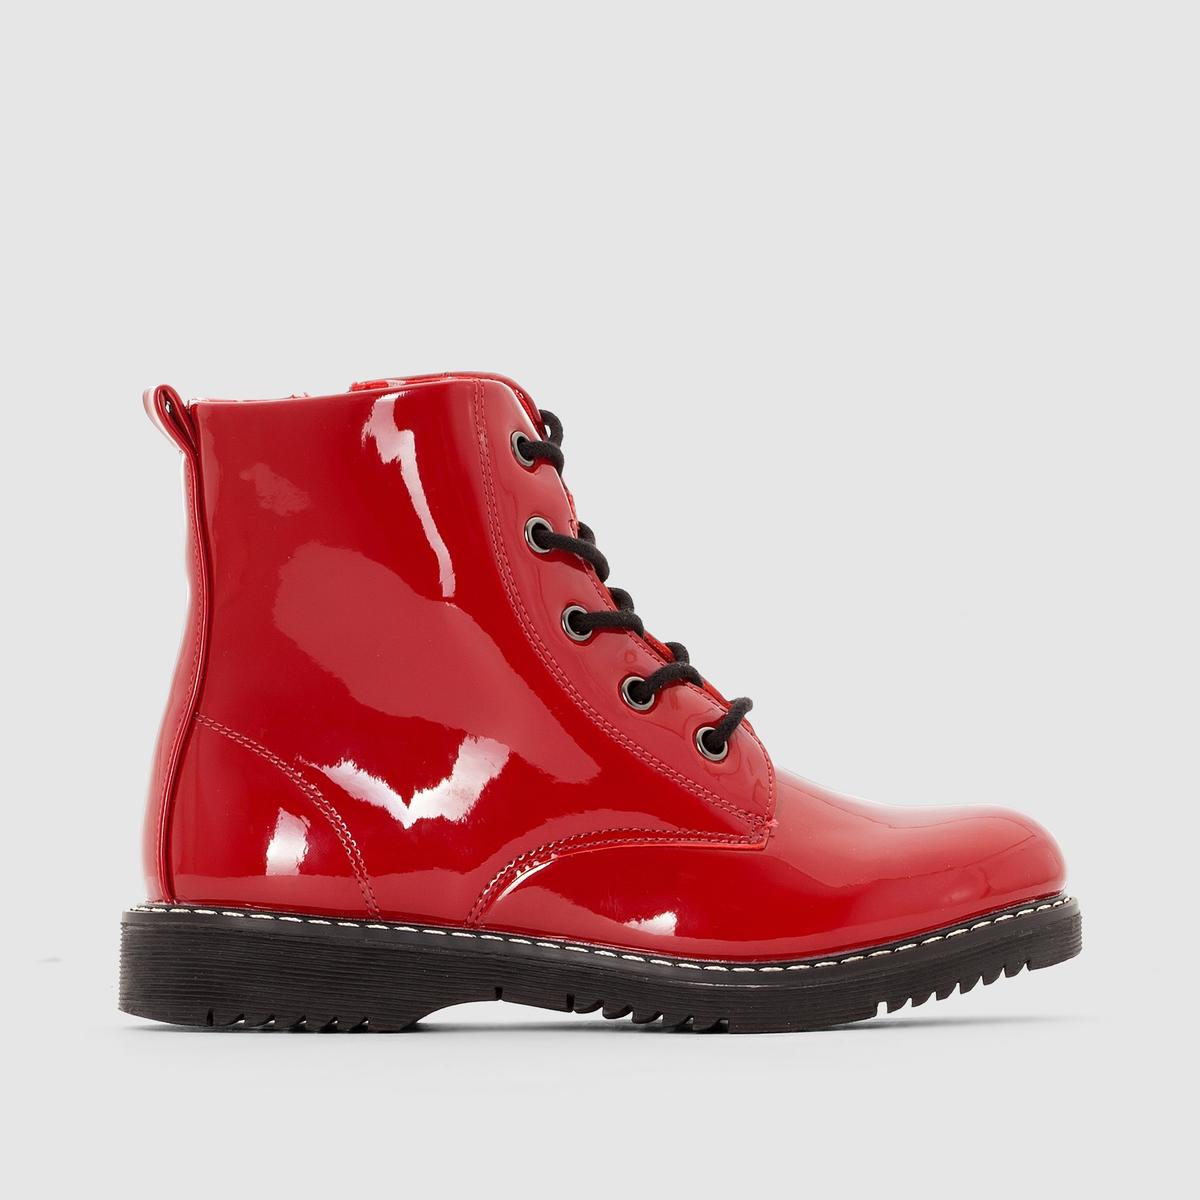 Ботинки лакированные на шнуровке.Застежка: шнуровка и молния сбоку до 35 размера.<br><br>Цвет: красный лак<br>Размер: 26